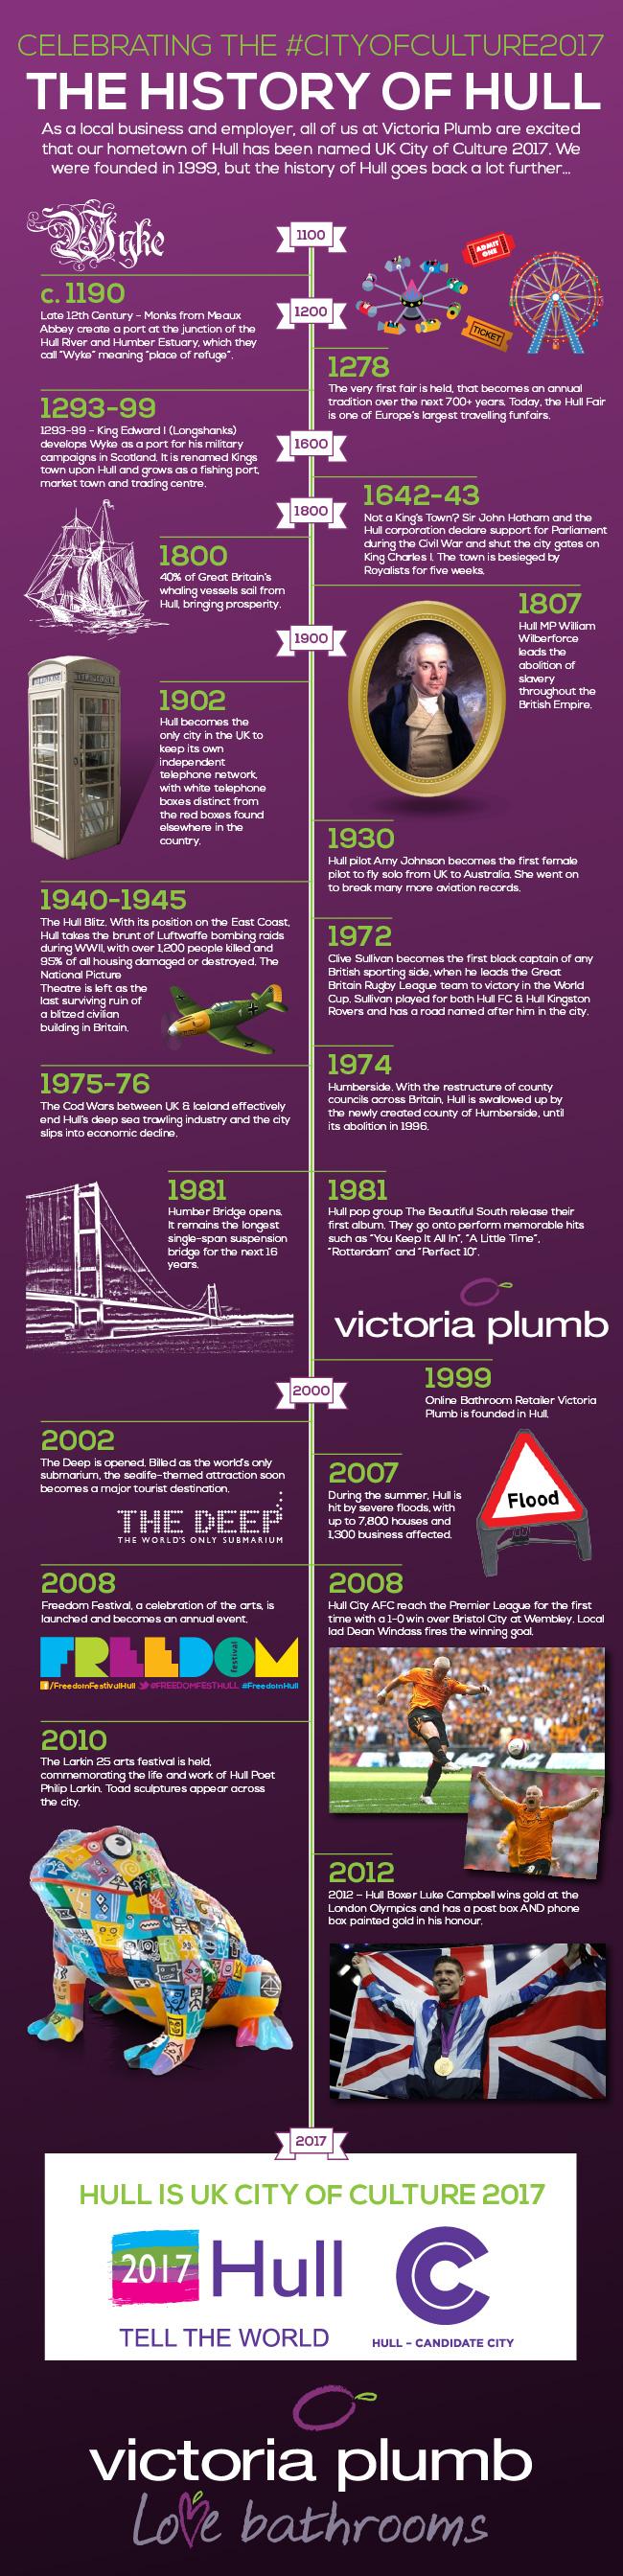 History of Hull